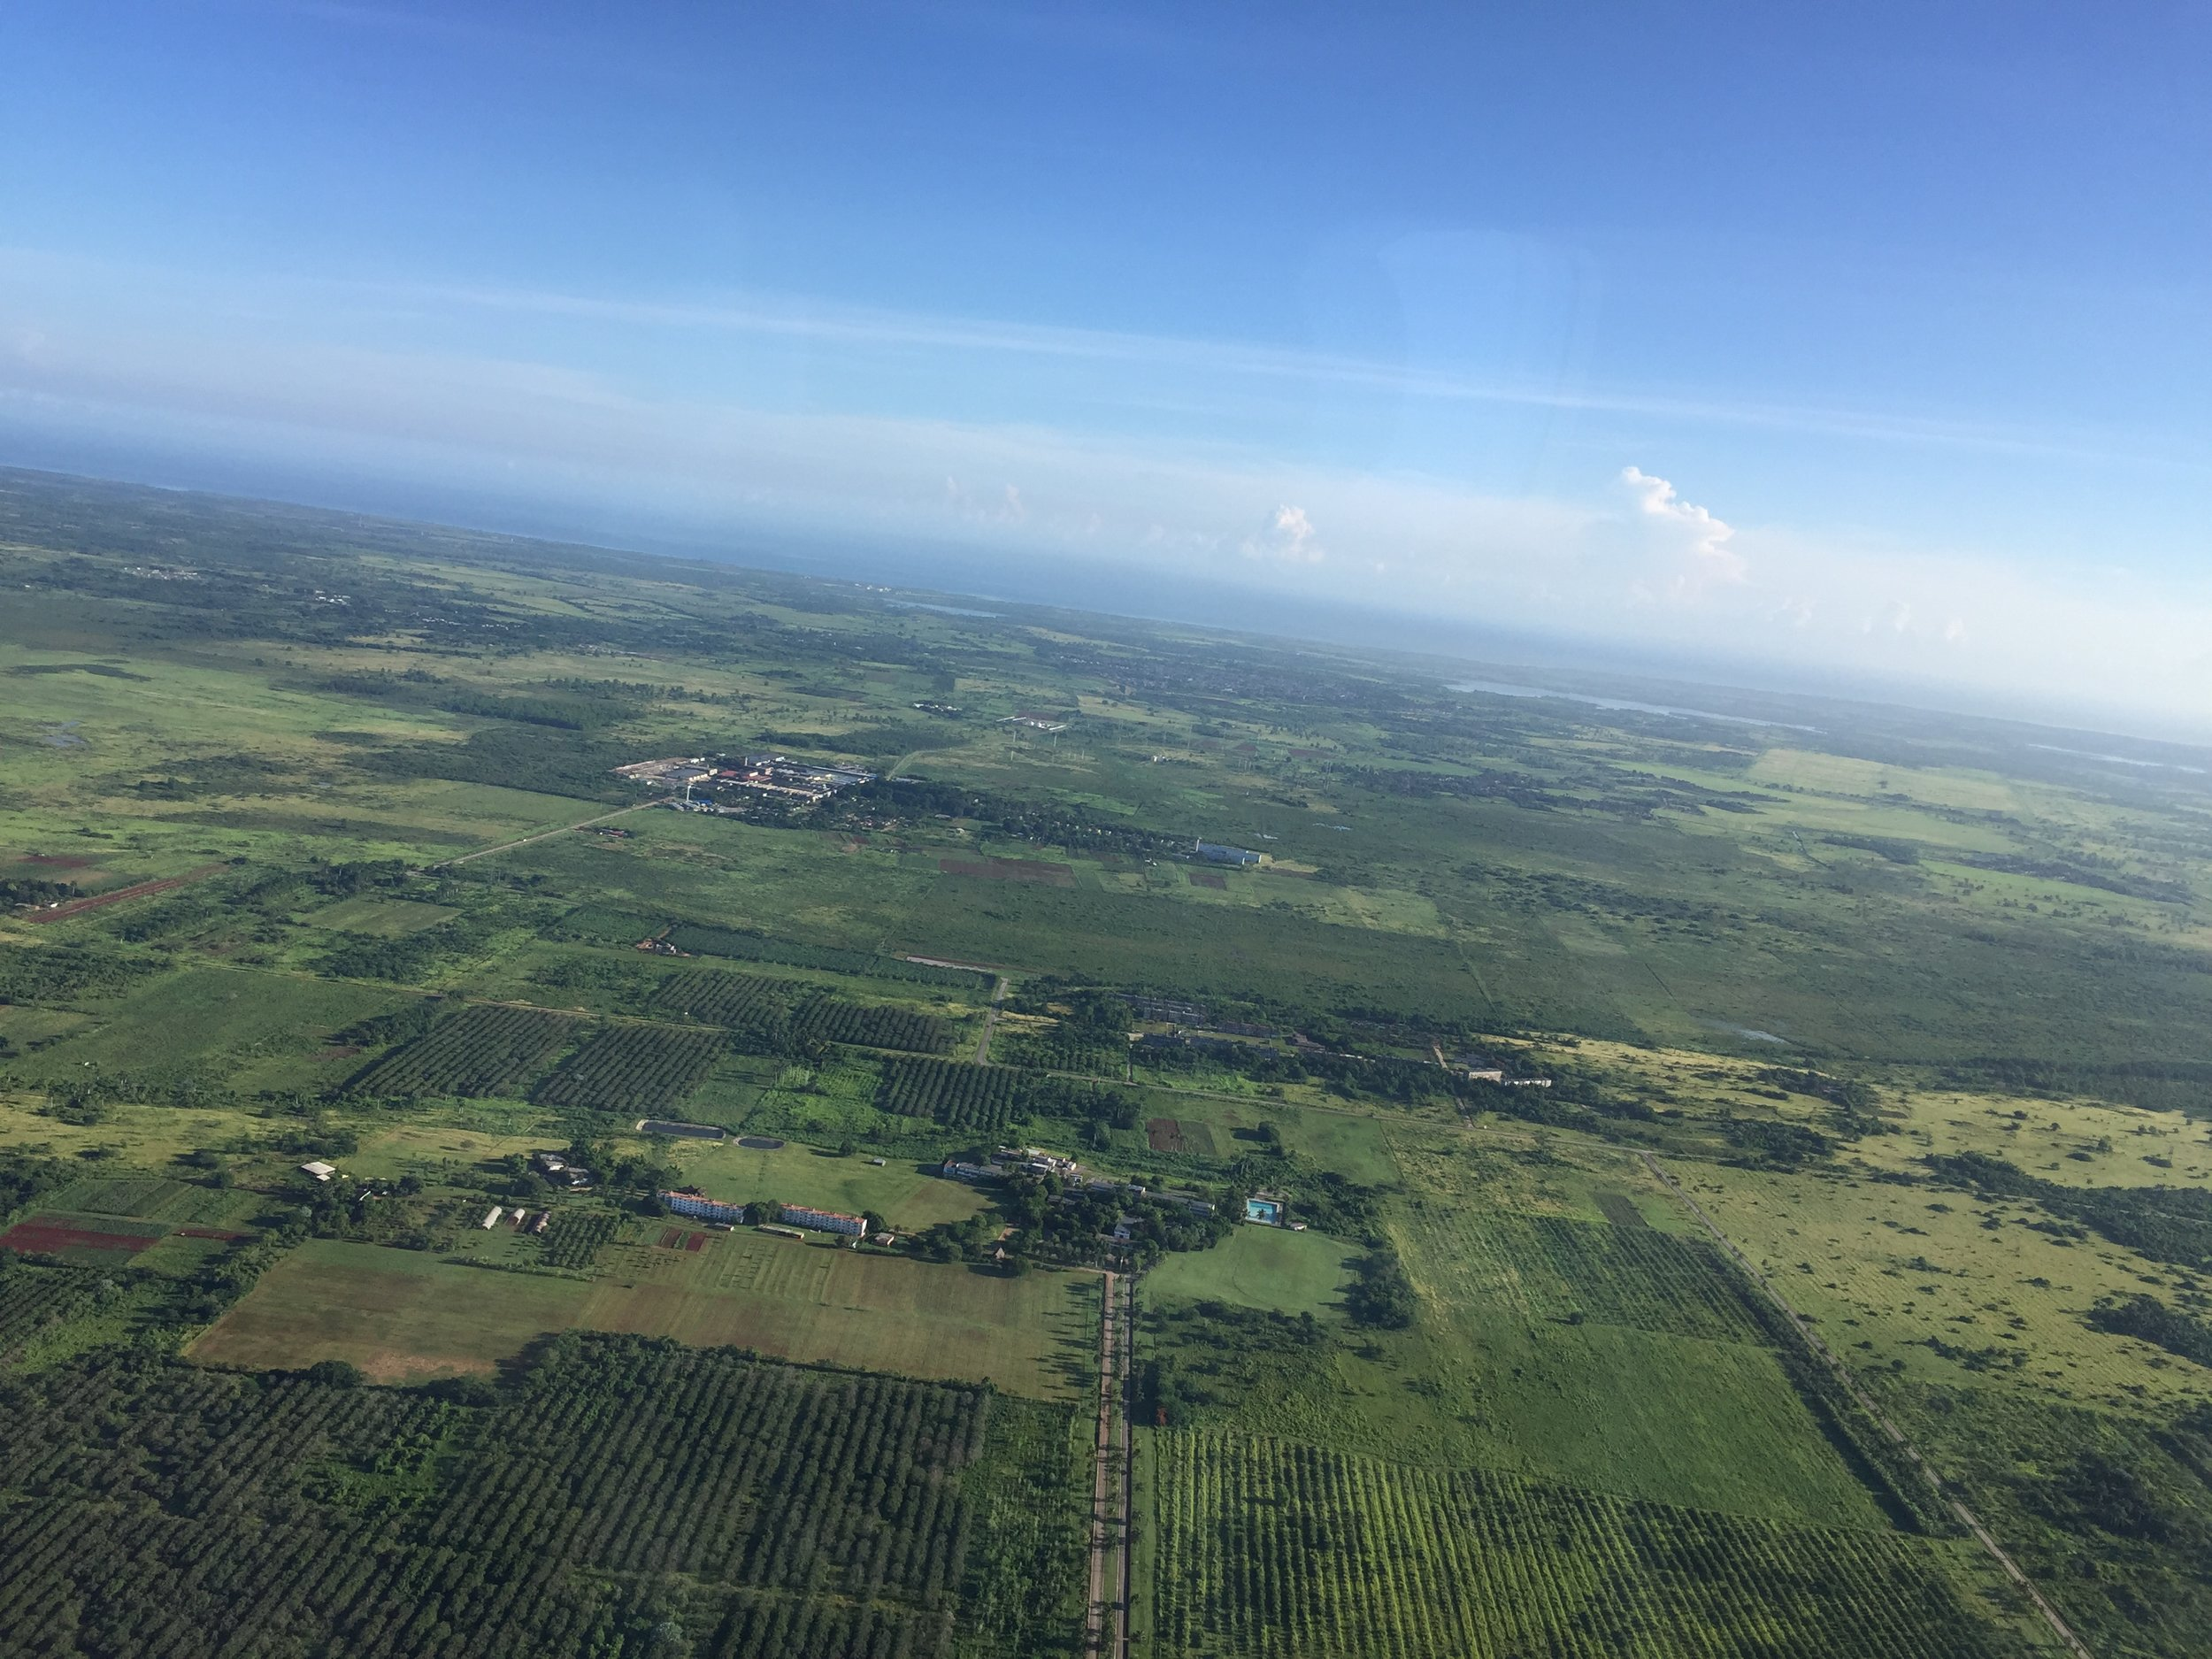 Flying into Havana